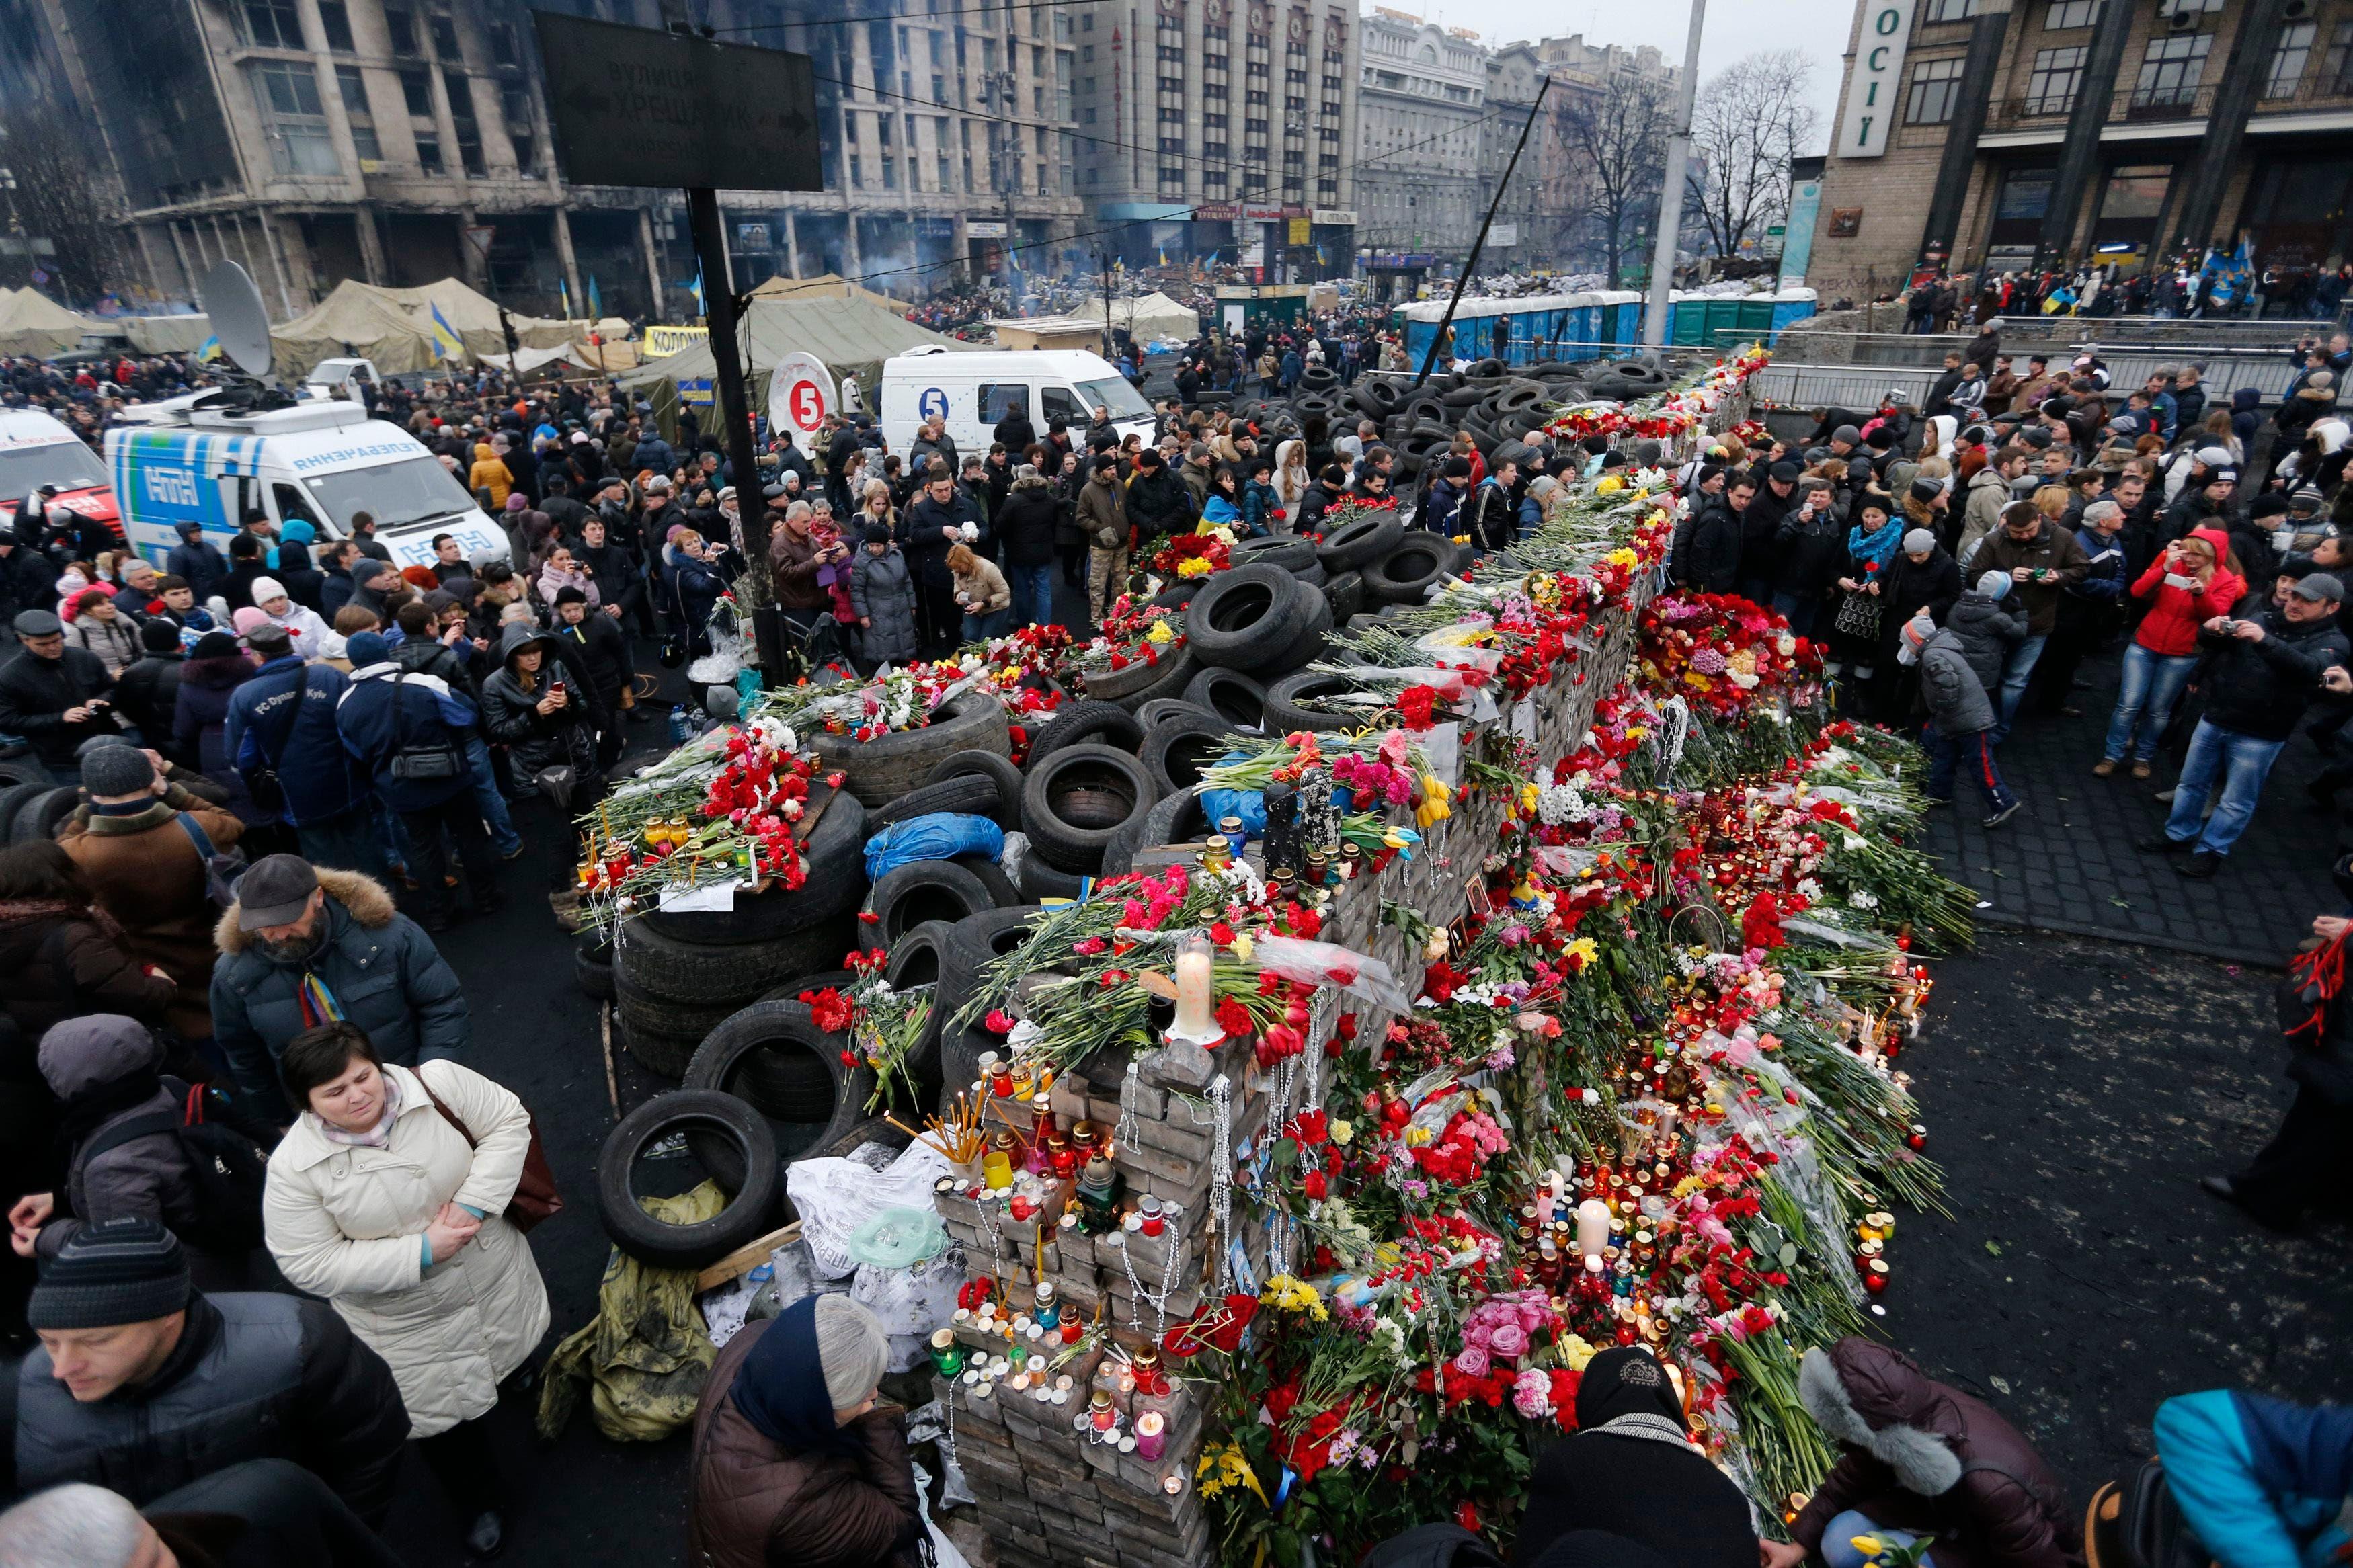 اهالي ضحايا الاشتباكات بين قوات الامن والمعارضين يضعون الورود على نصب تذكاري في ميدان عام في كييف